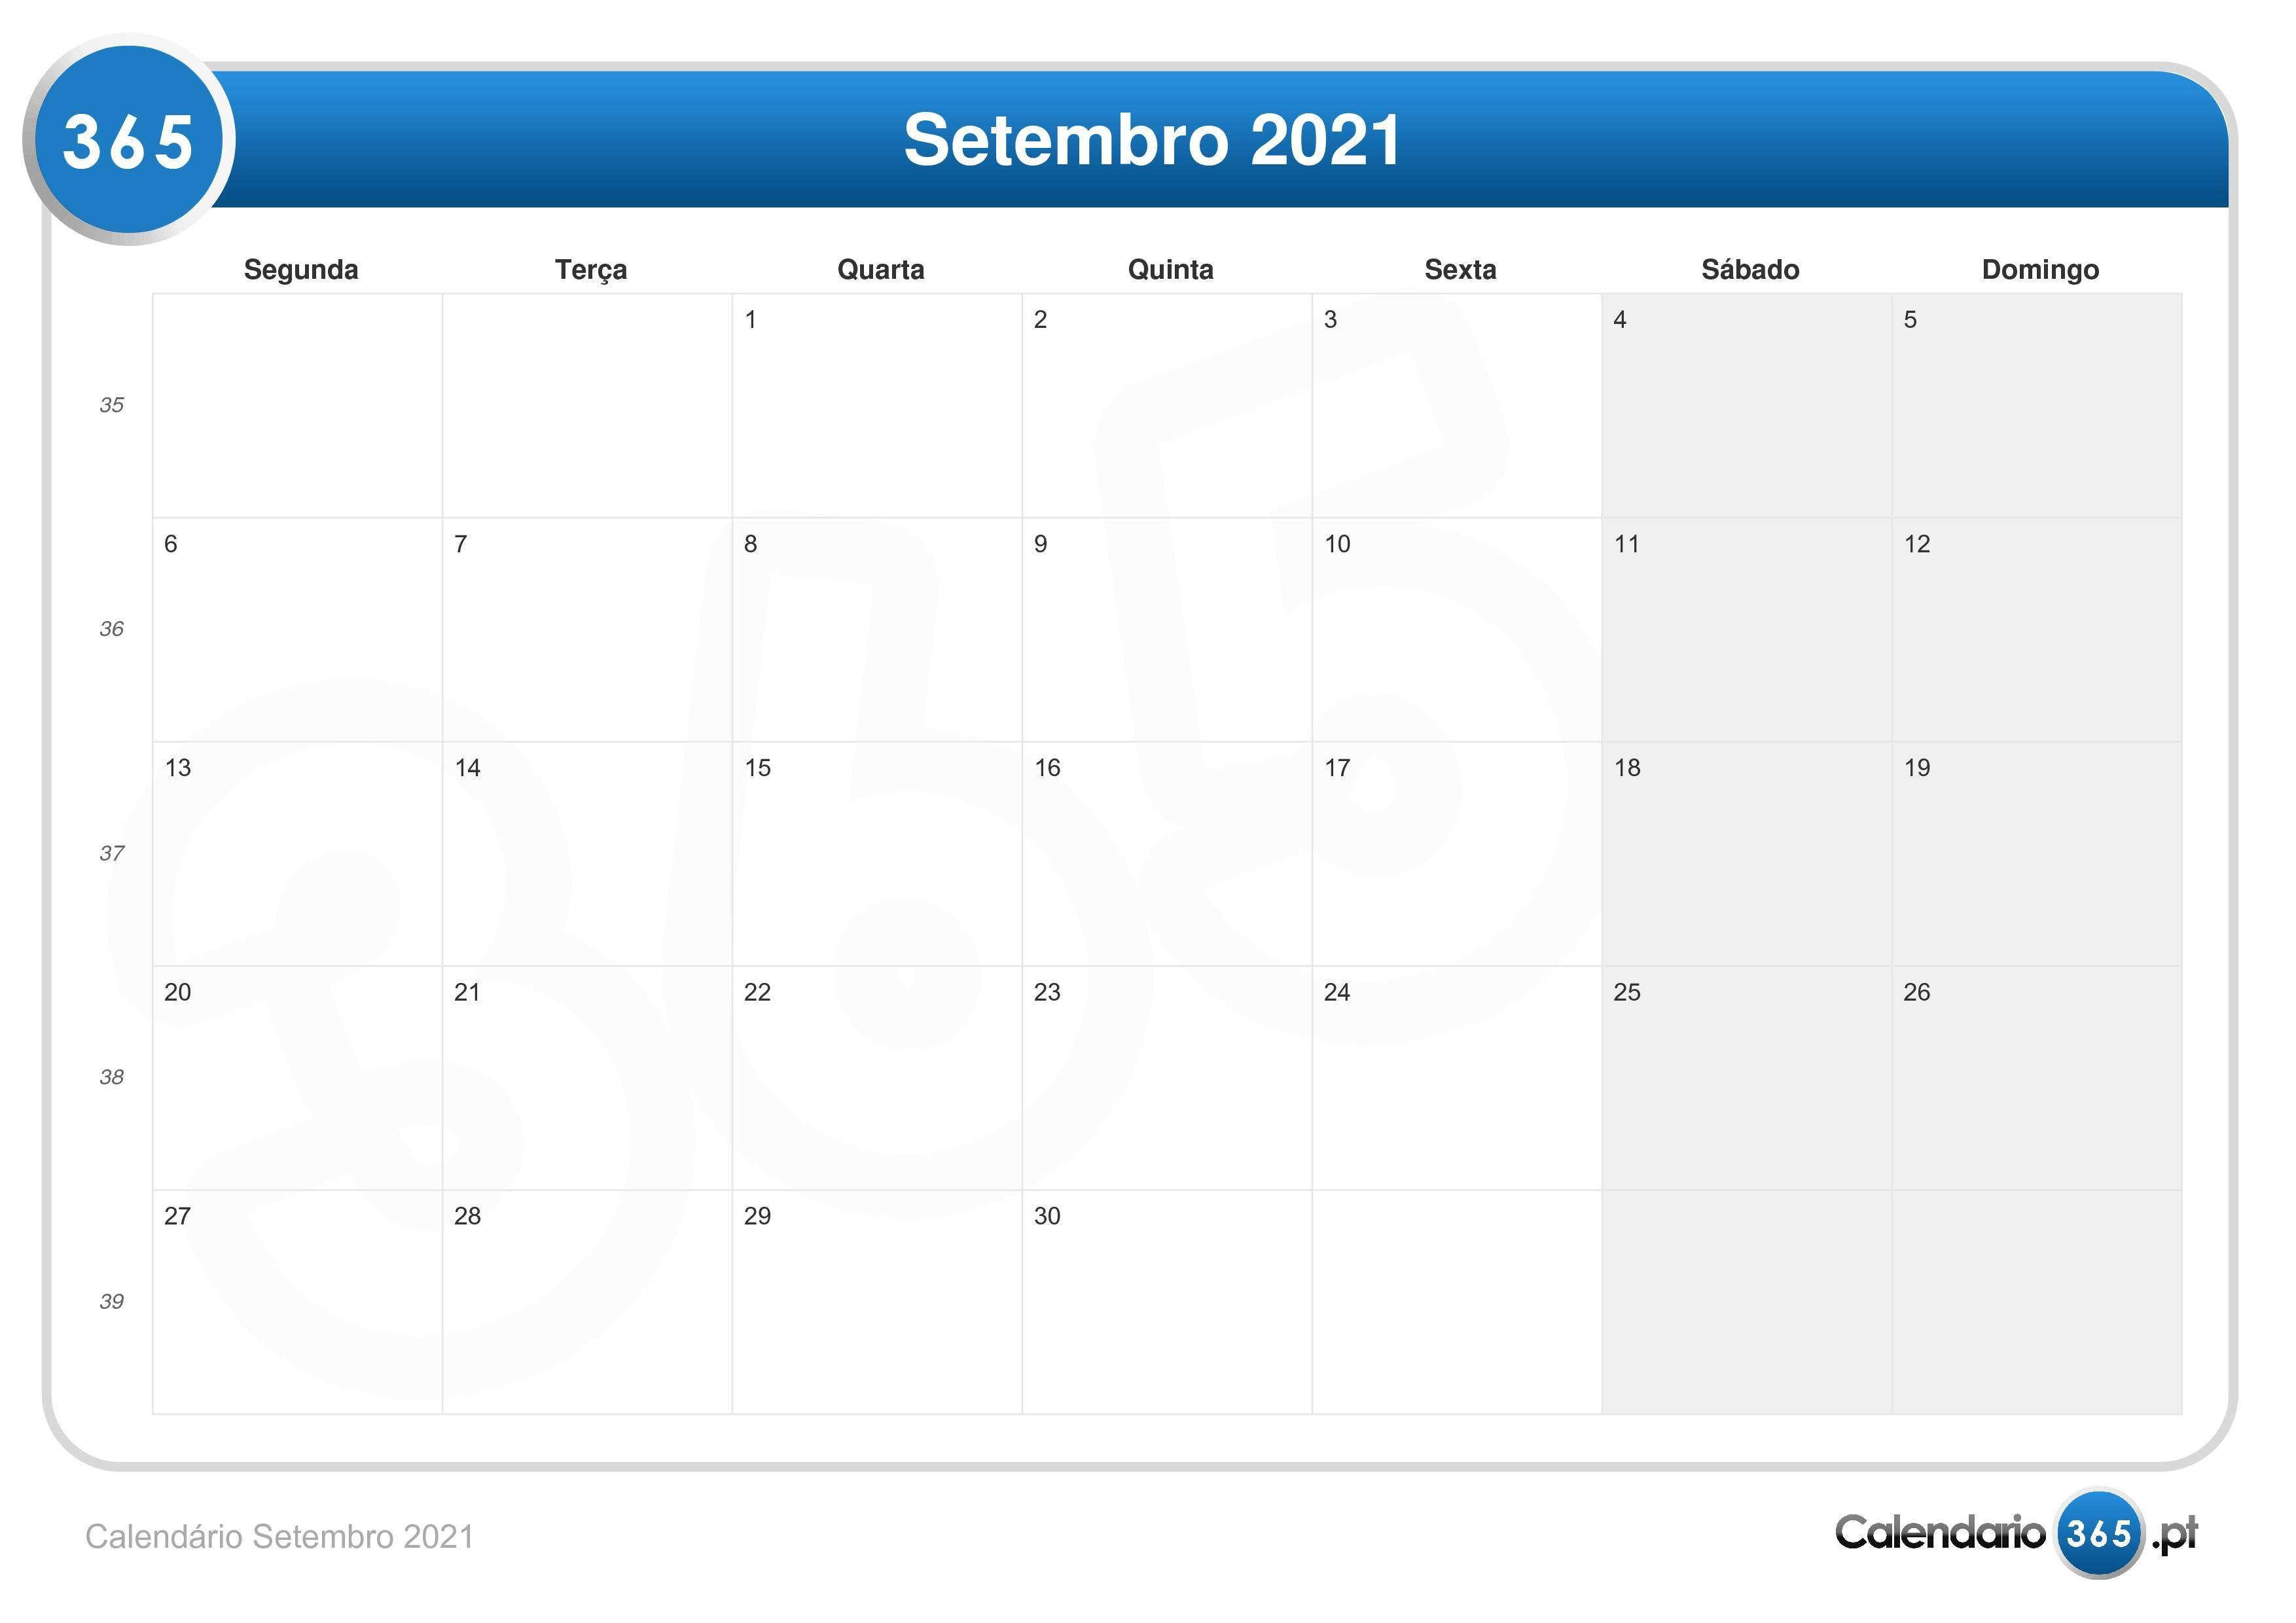 Calendario Setembro 2021